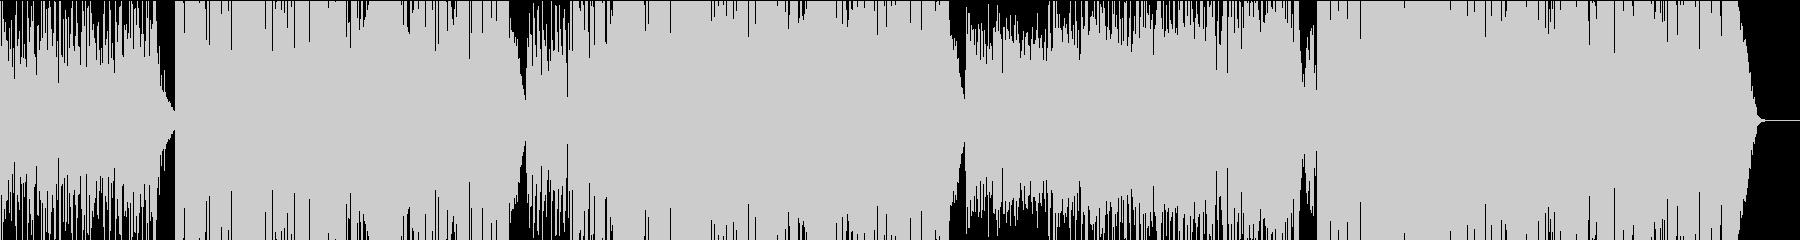 シンプルなボサノバ_03の未再生の波形